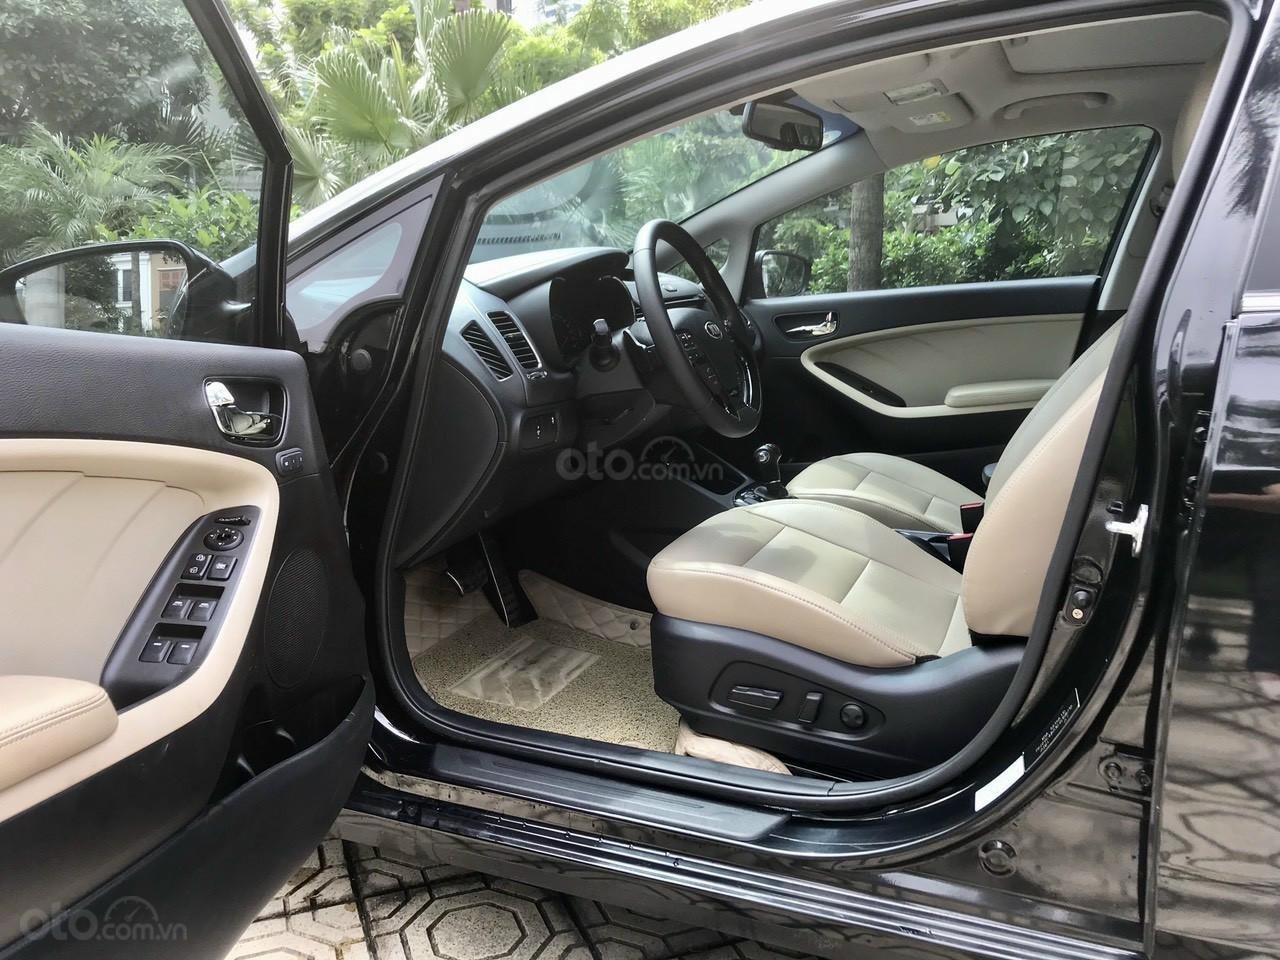 Cần bán lại xe Kia Cerato đời 2017, màu đen, giá tốt (13)